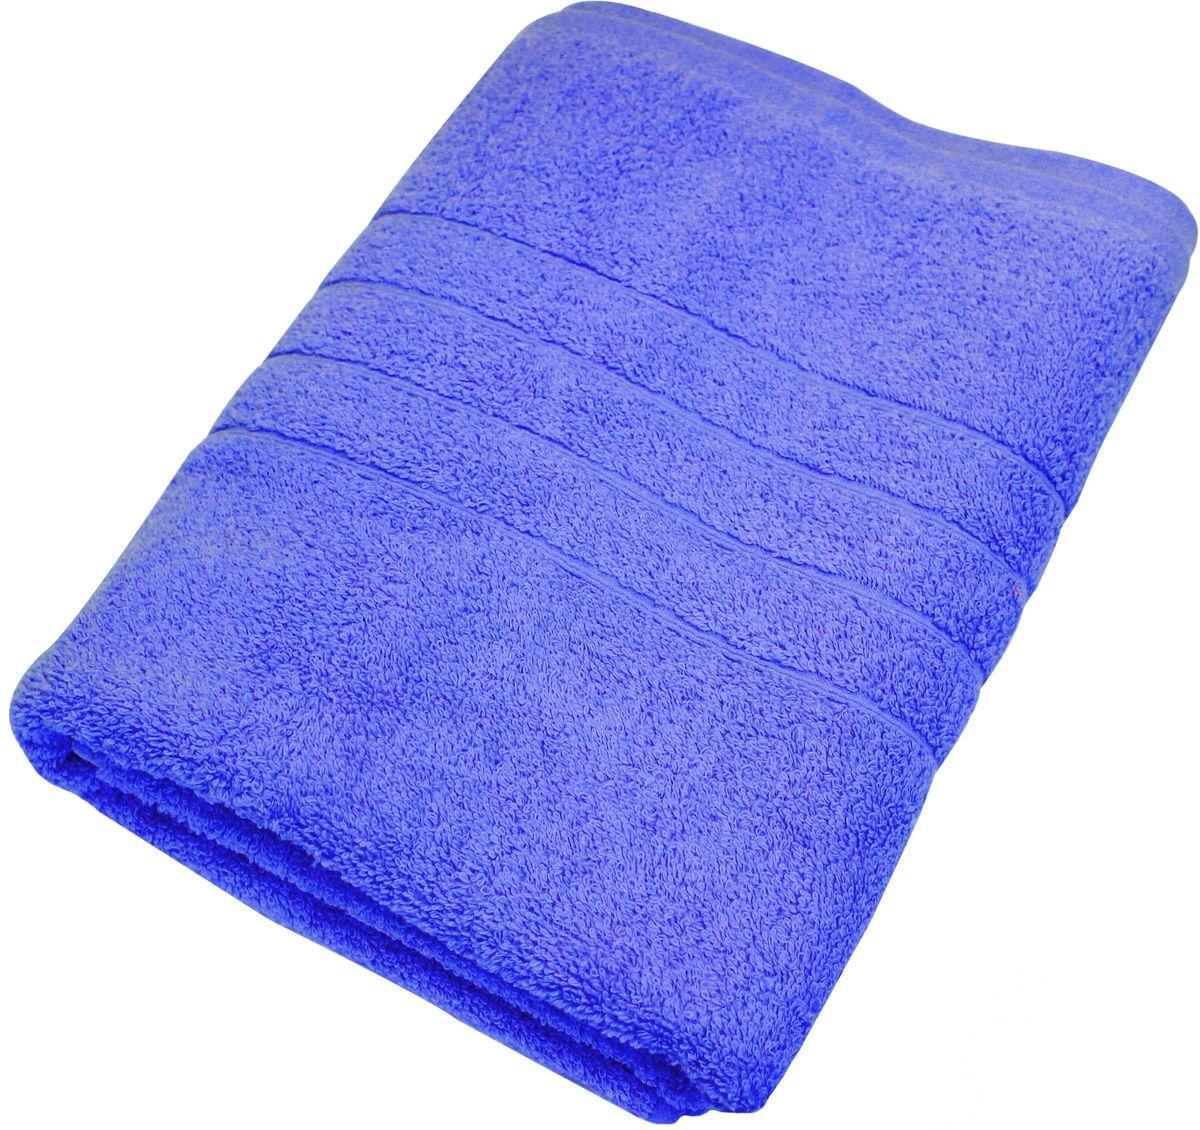 Полотенце Proffi Home Модерн, цвет: синий, 70 x 140 смPH3275Мягкое махровое полотенцеProffi Home Модерн отлично впитывает влагу и быстро сохнет, приятно в него завернуться после принятия ванны или посещения сауны. Поэтому данное махровое полотенце можно использовать в качестве душевого, банного или пляжного полотенца. Состав: 100% хлопок.